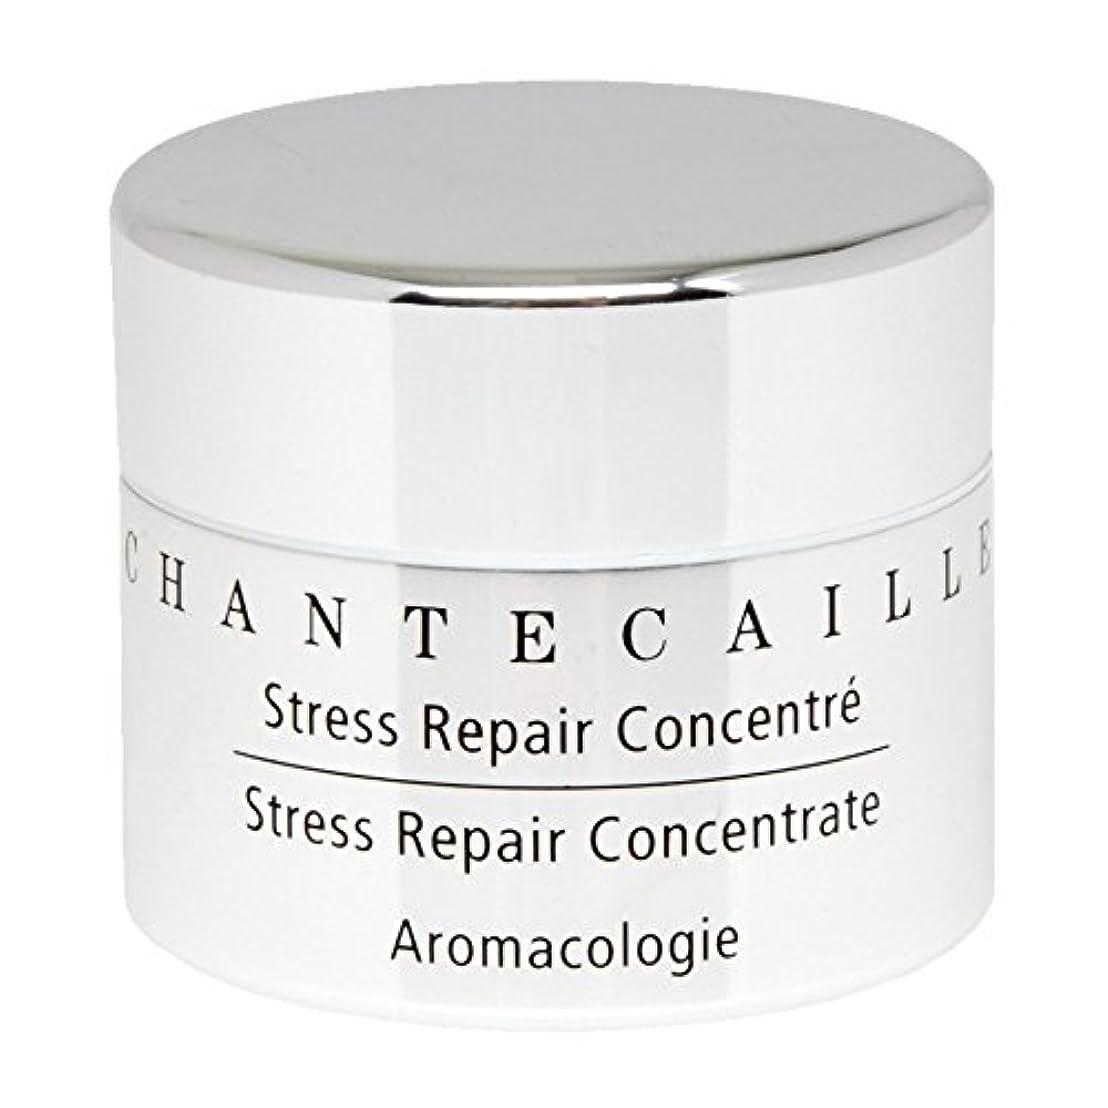 代わりにを立てる特許祖母シャンテカイユストレス修復濃縮15ミリリットル x2 - Chantecaille Stress Repair Concentrate 15ml (Pack of 2) [並行輸入品]